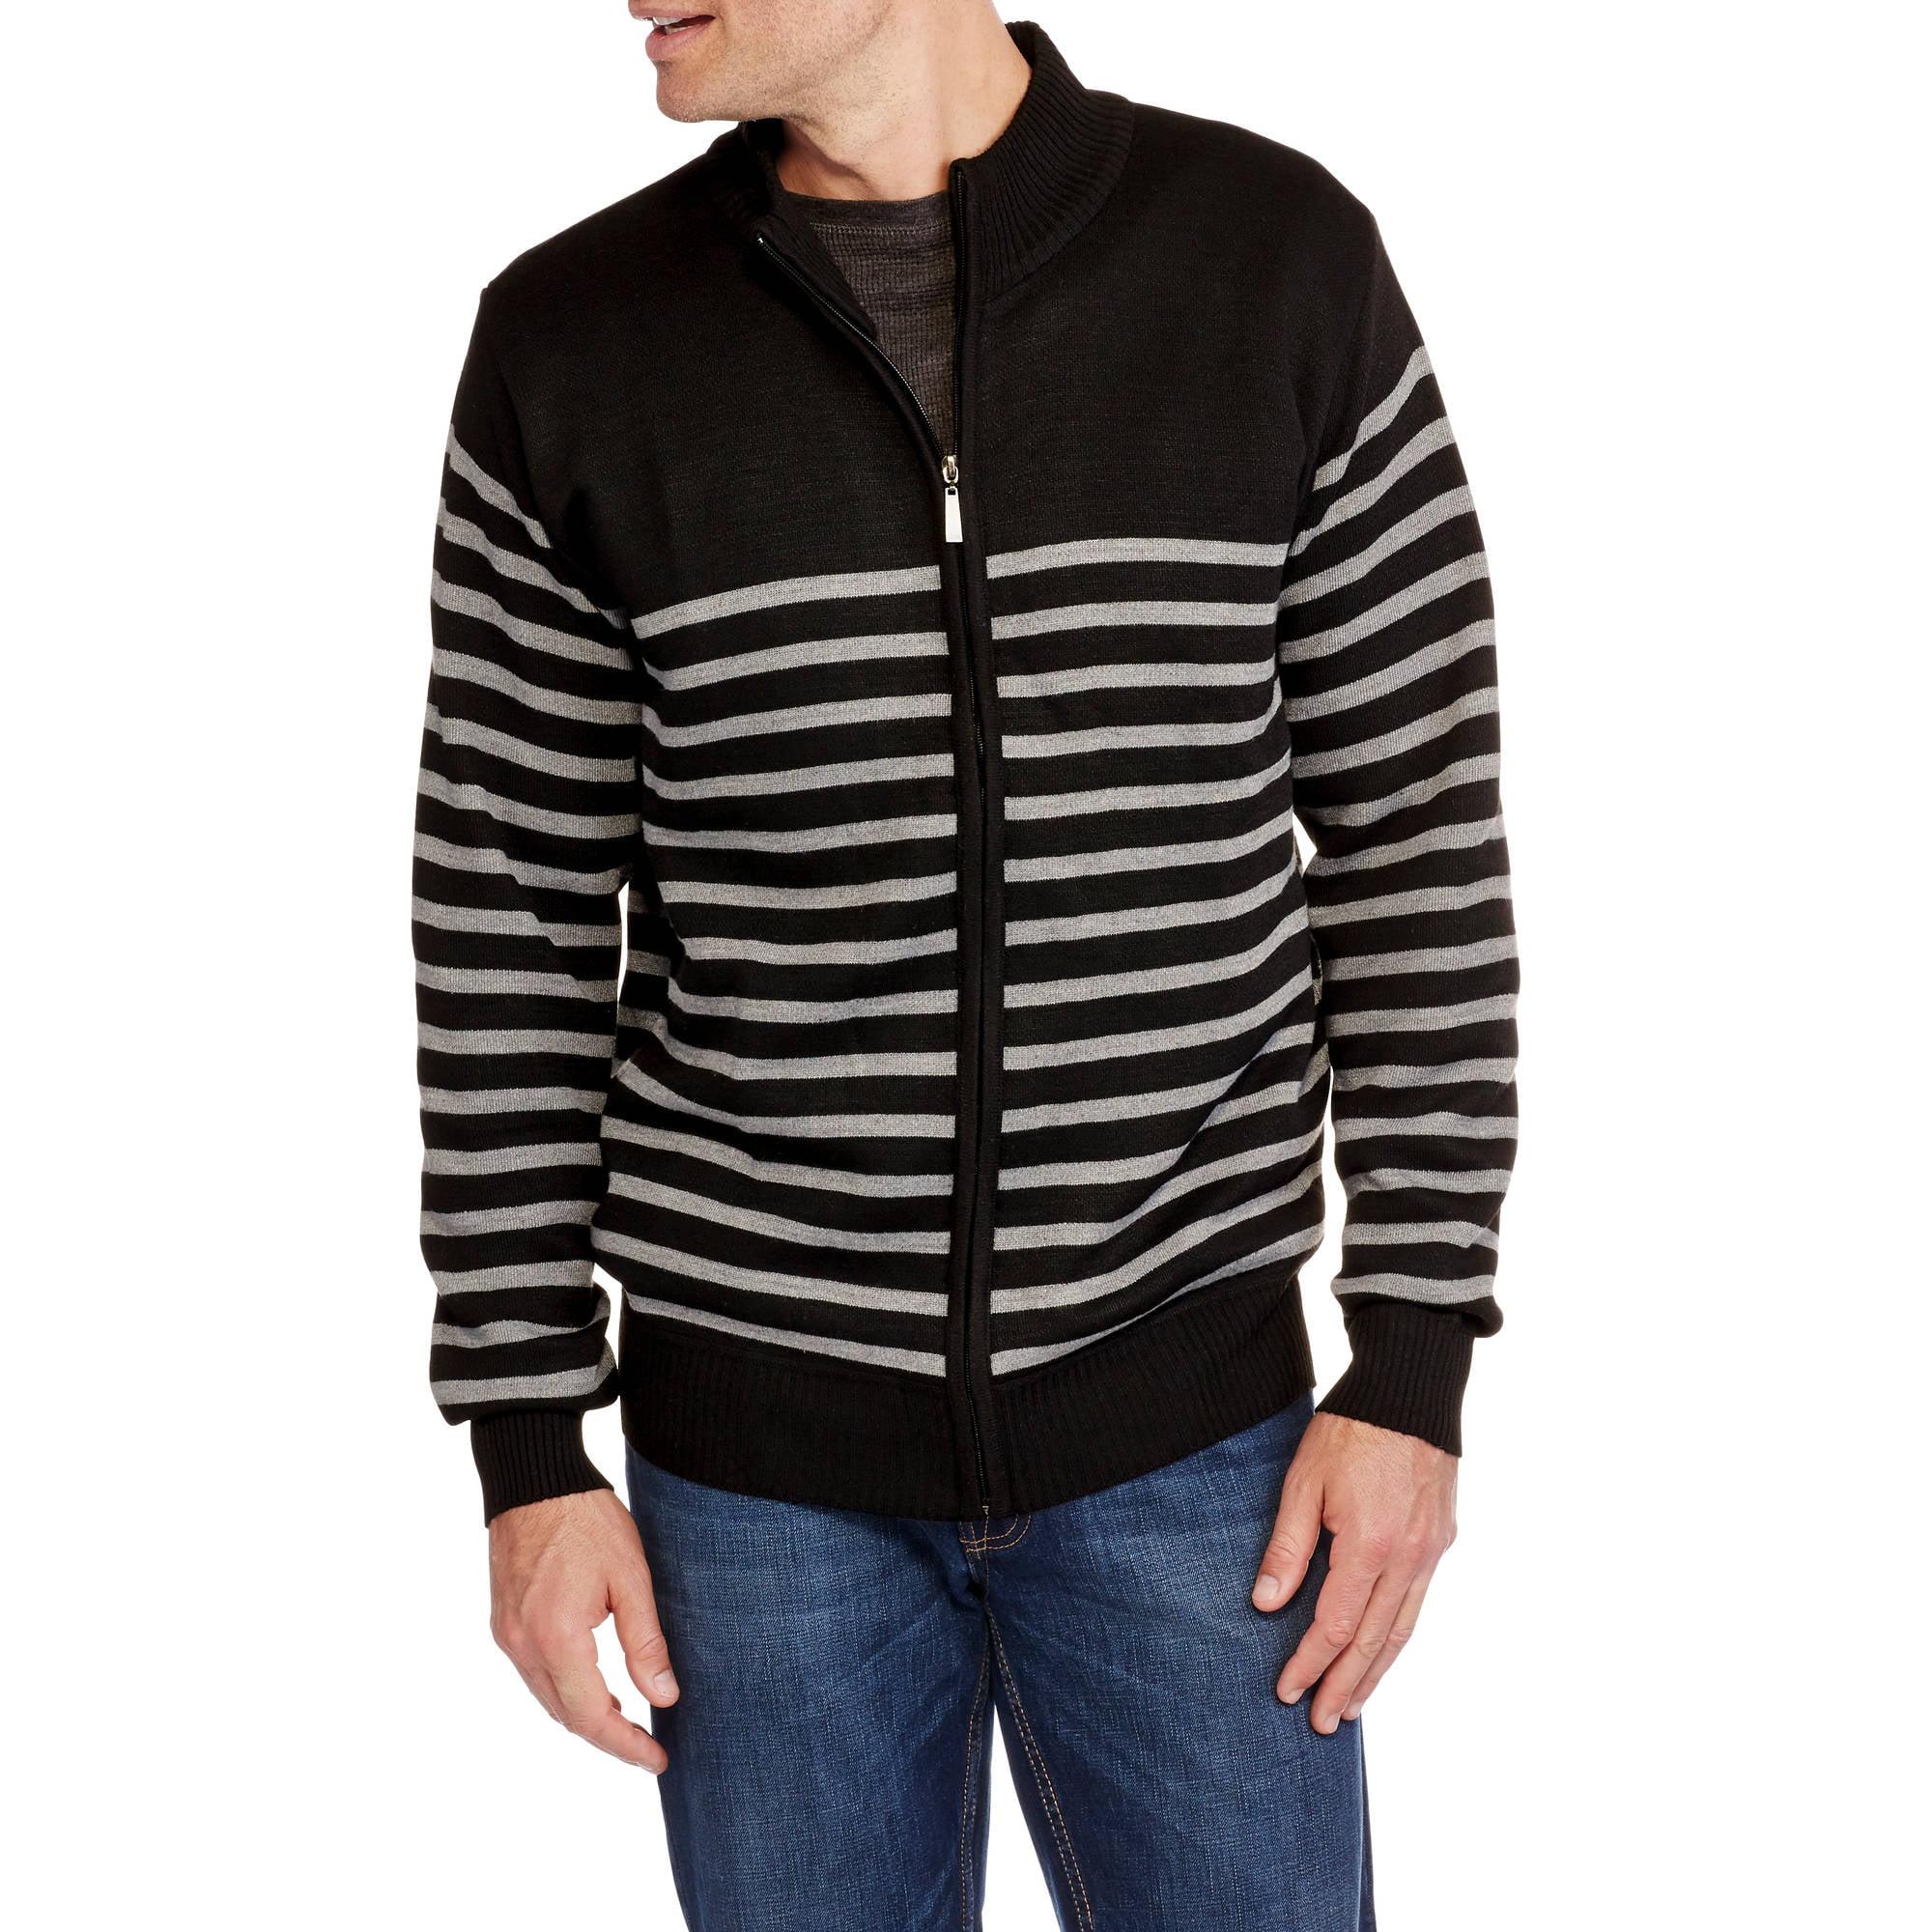 Men's Sleeve Full Zip Sweater